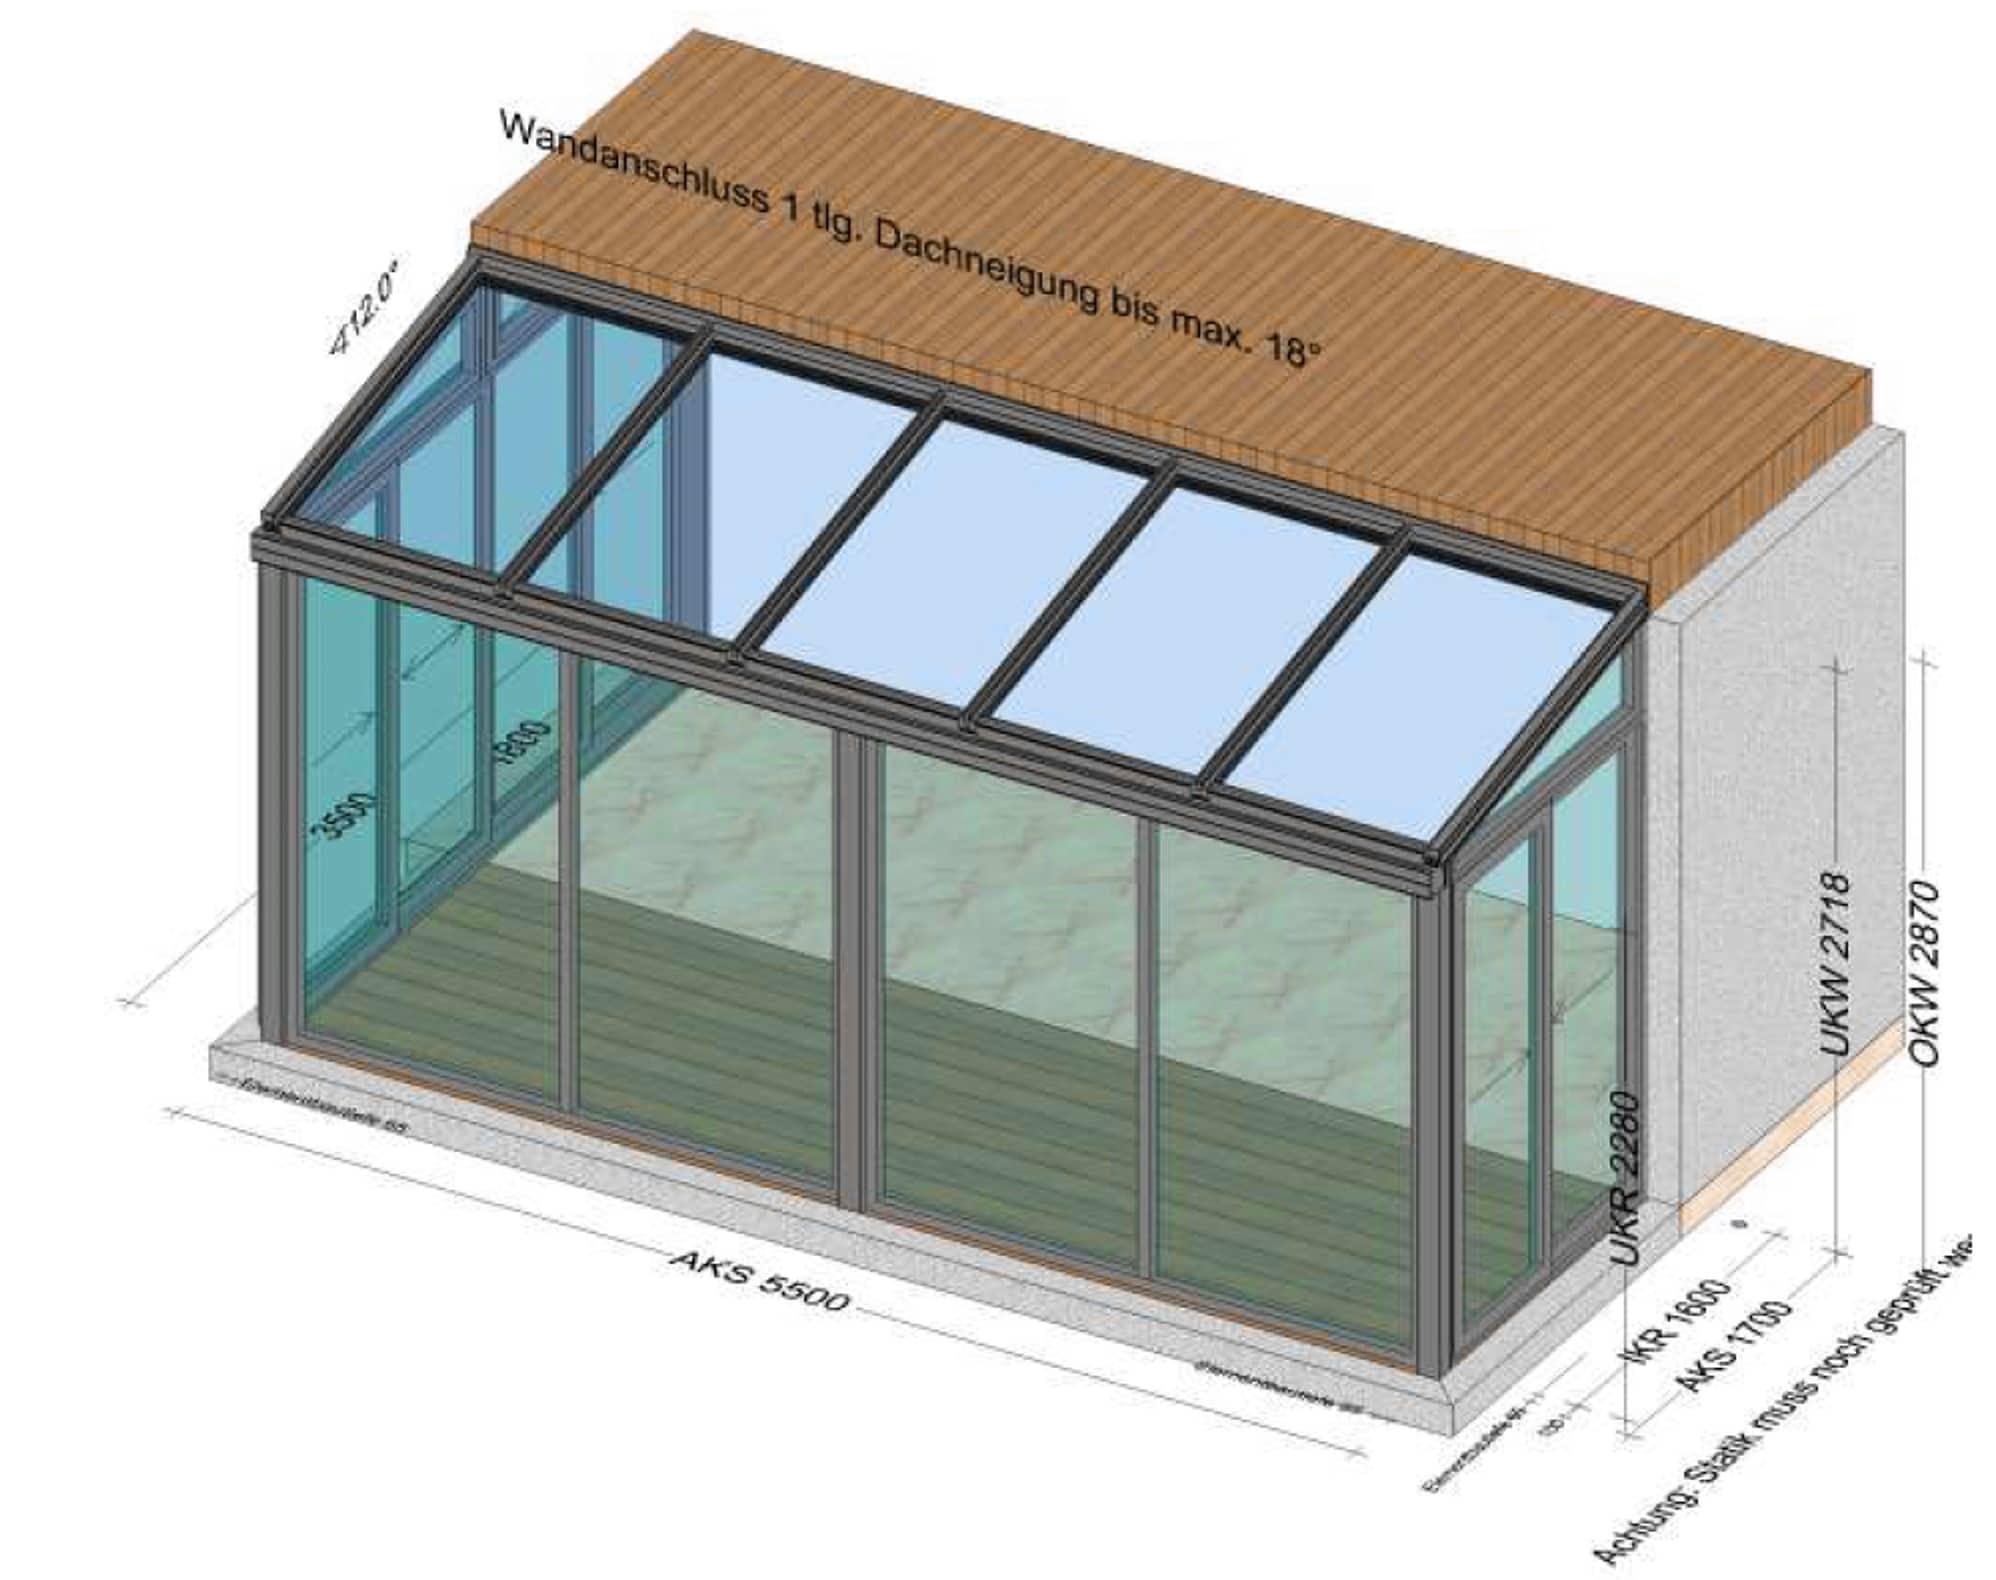 Wintergarten isoliert - Planung BV Traun OÖ